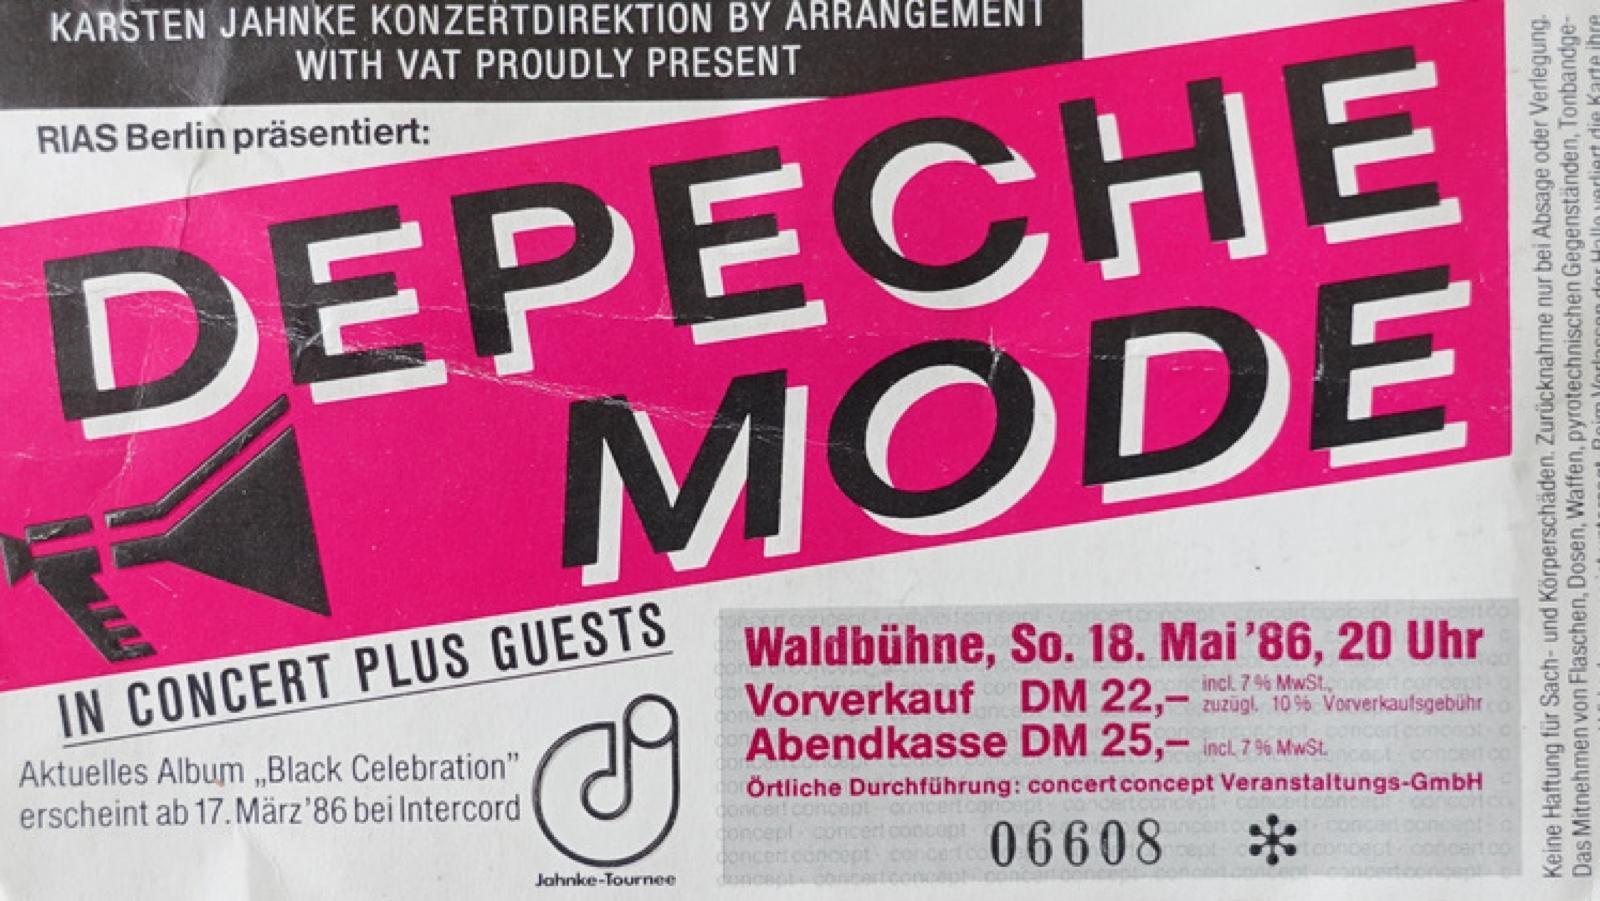 Konzerterinnerungen - Ticket Depeche Mode Berlin Waldbühne 1986